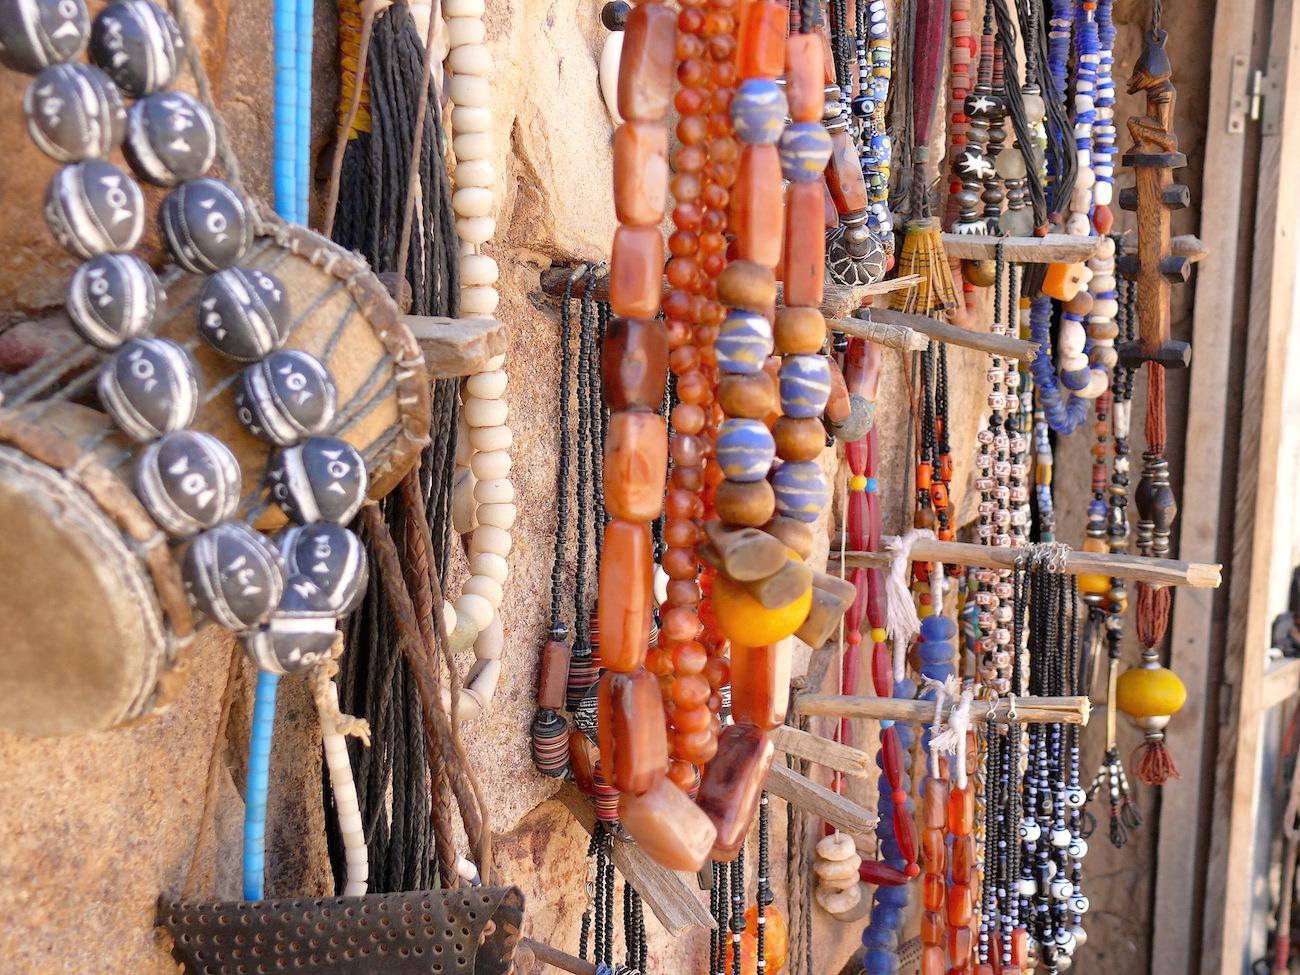 Smukke perlesmykker fra Mali i Vestafrika